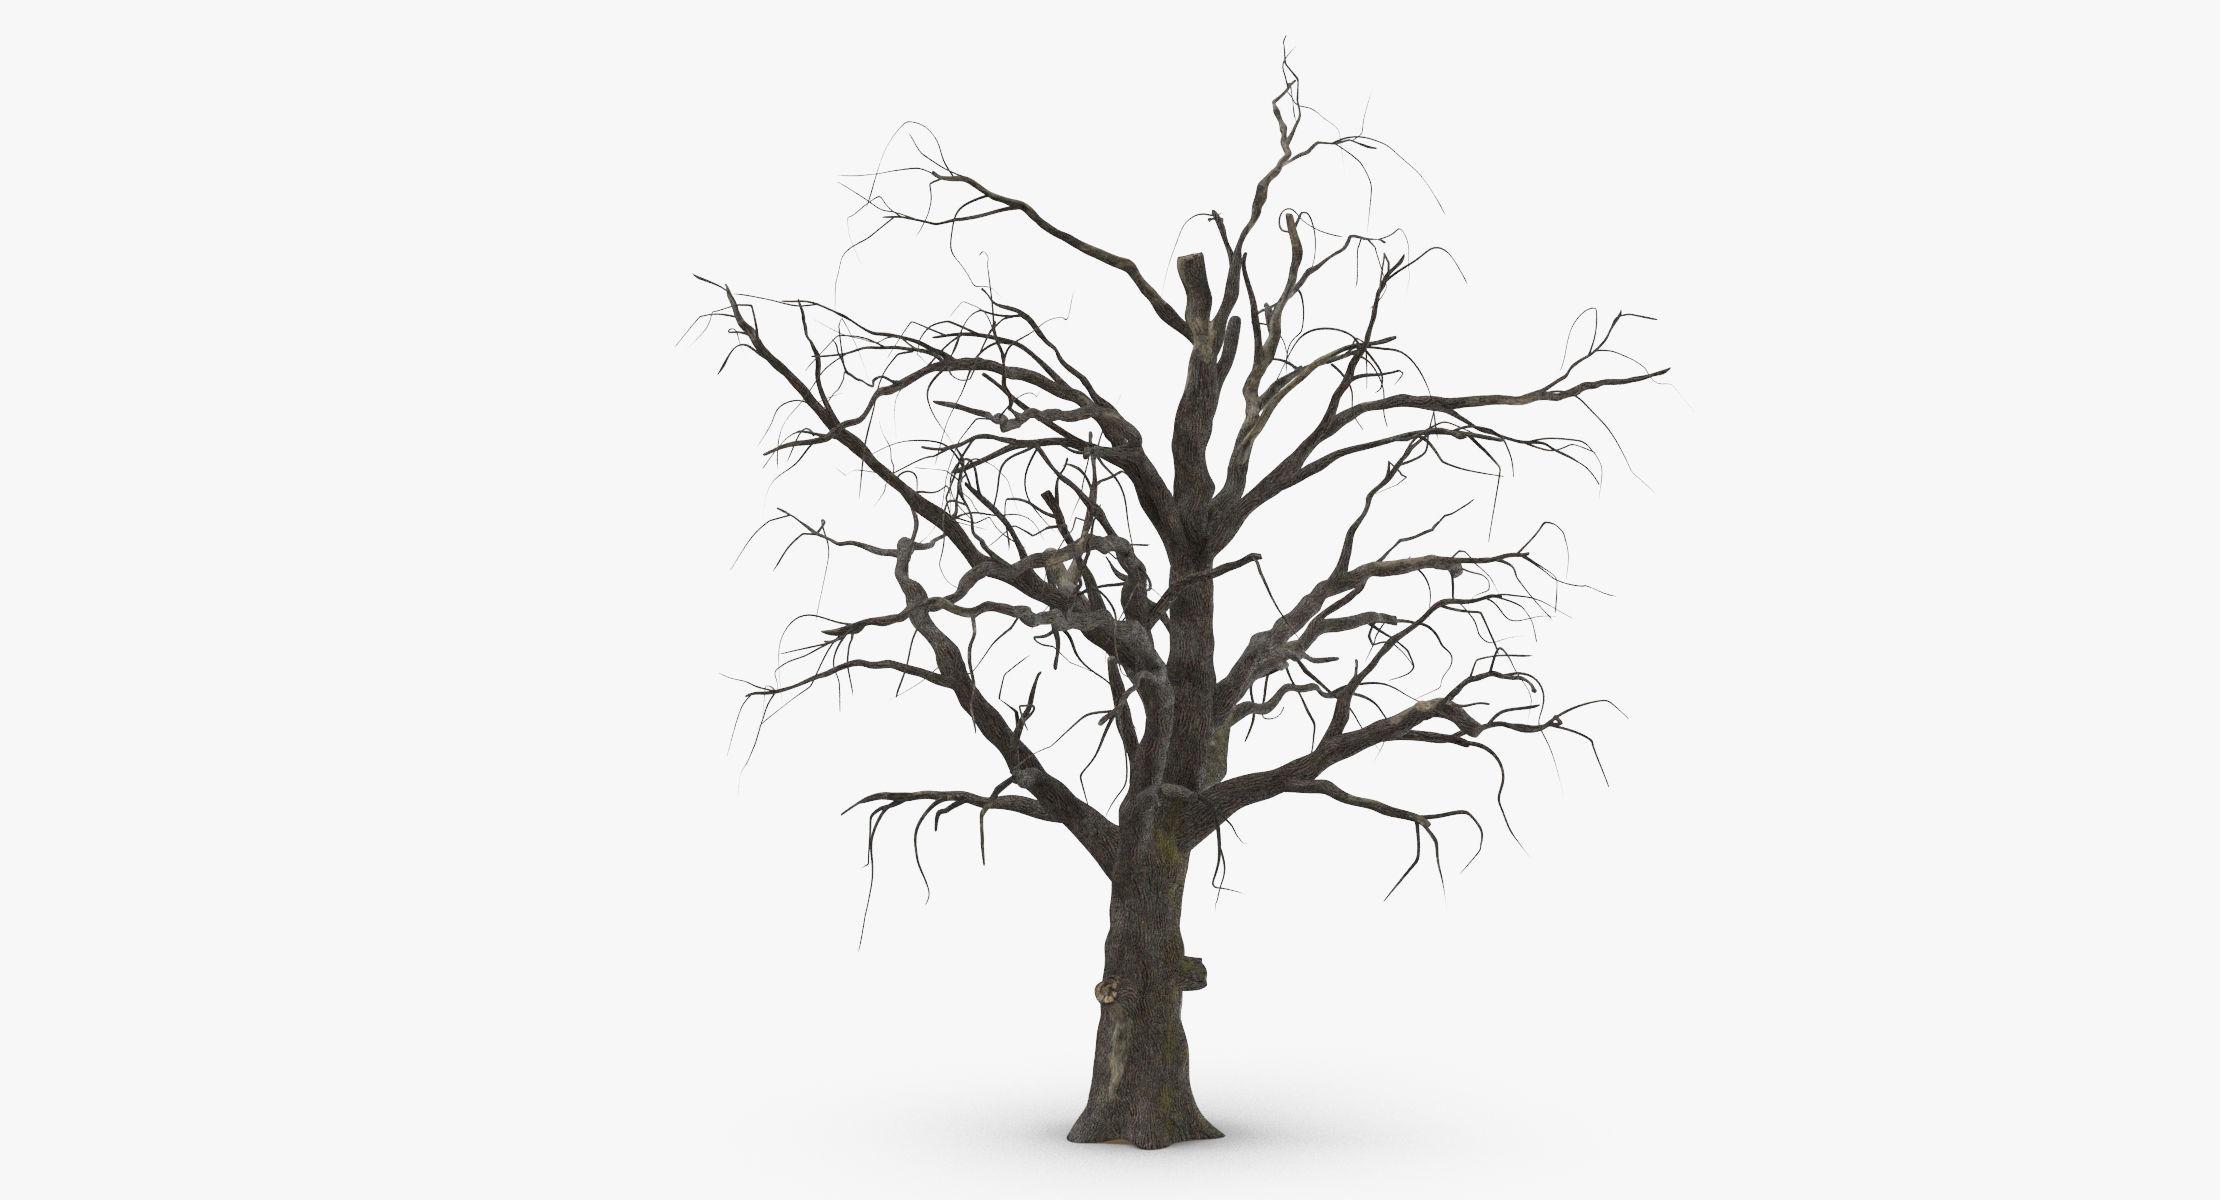 Old Dead Tree 01 - reel 1